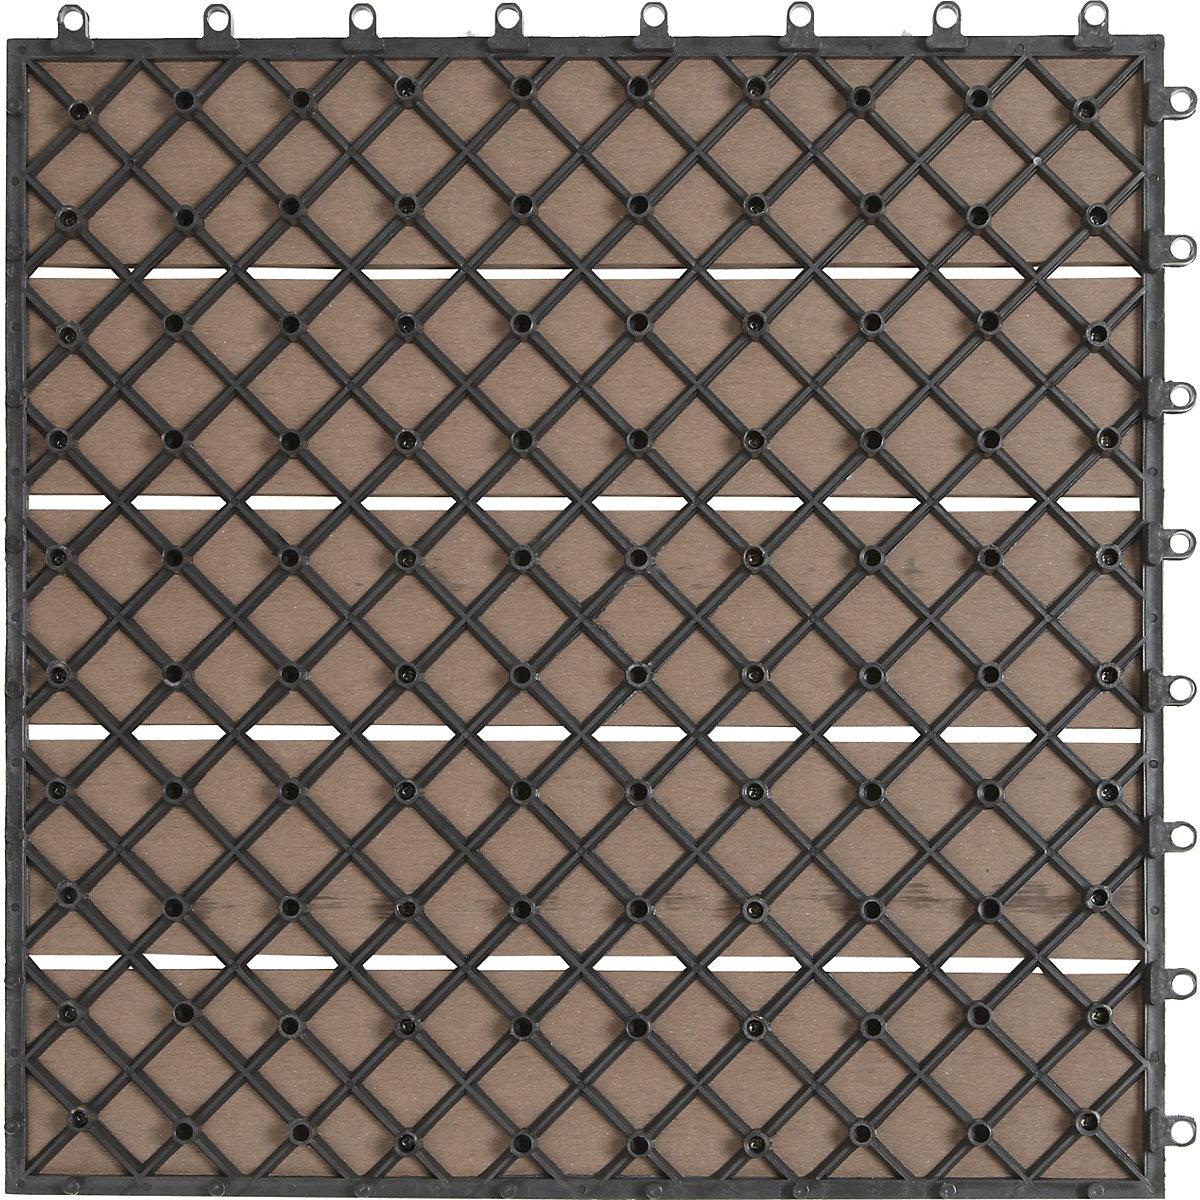 6er set wpc terrassen fliesen 40x40 cm braun. Black Bedroom Furniture Sets. Home Design Ideas